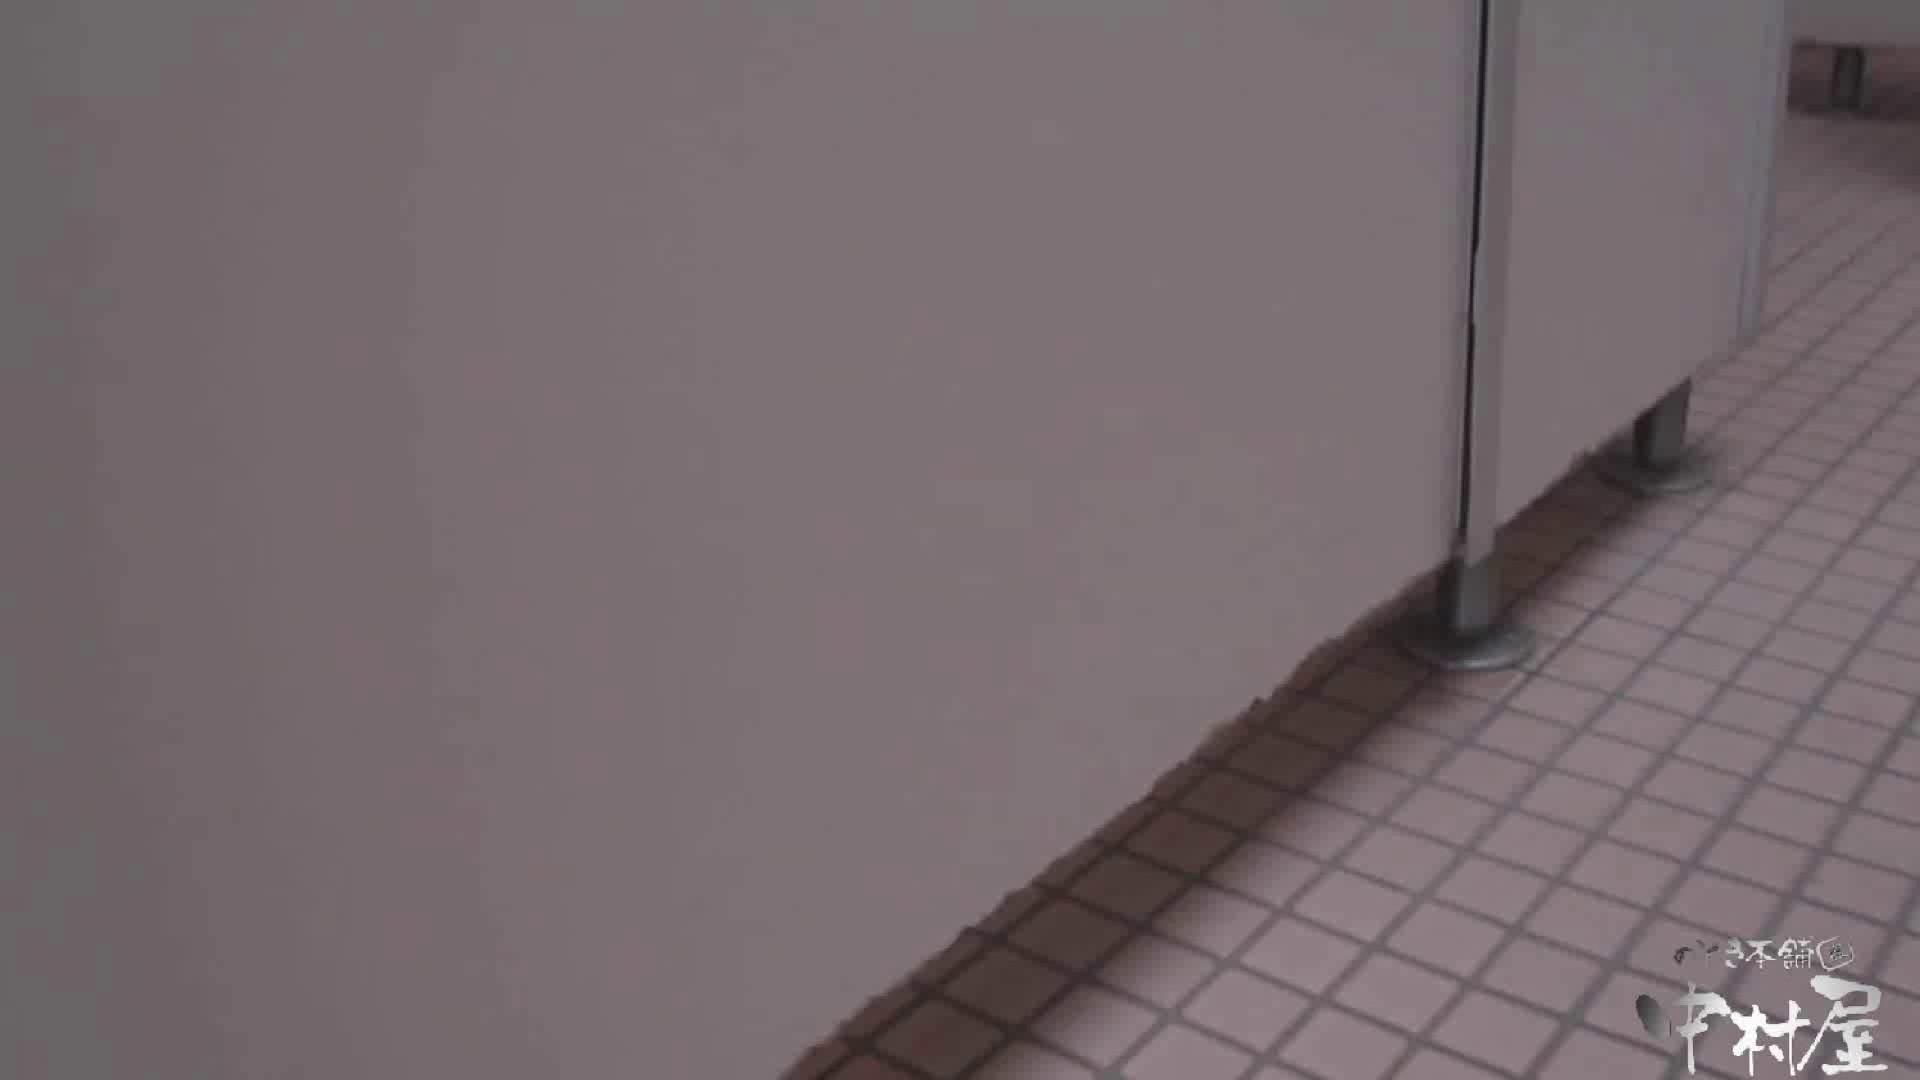 魂のかわや盗撮62連発! 超脱肛ギャル! 3発目! 現役ギャル AV無料動画キャプチャ 97pic 50